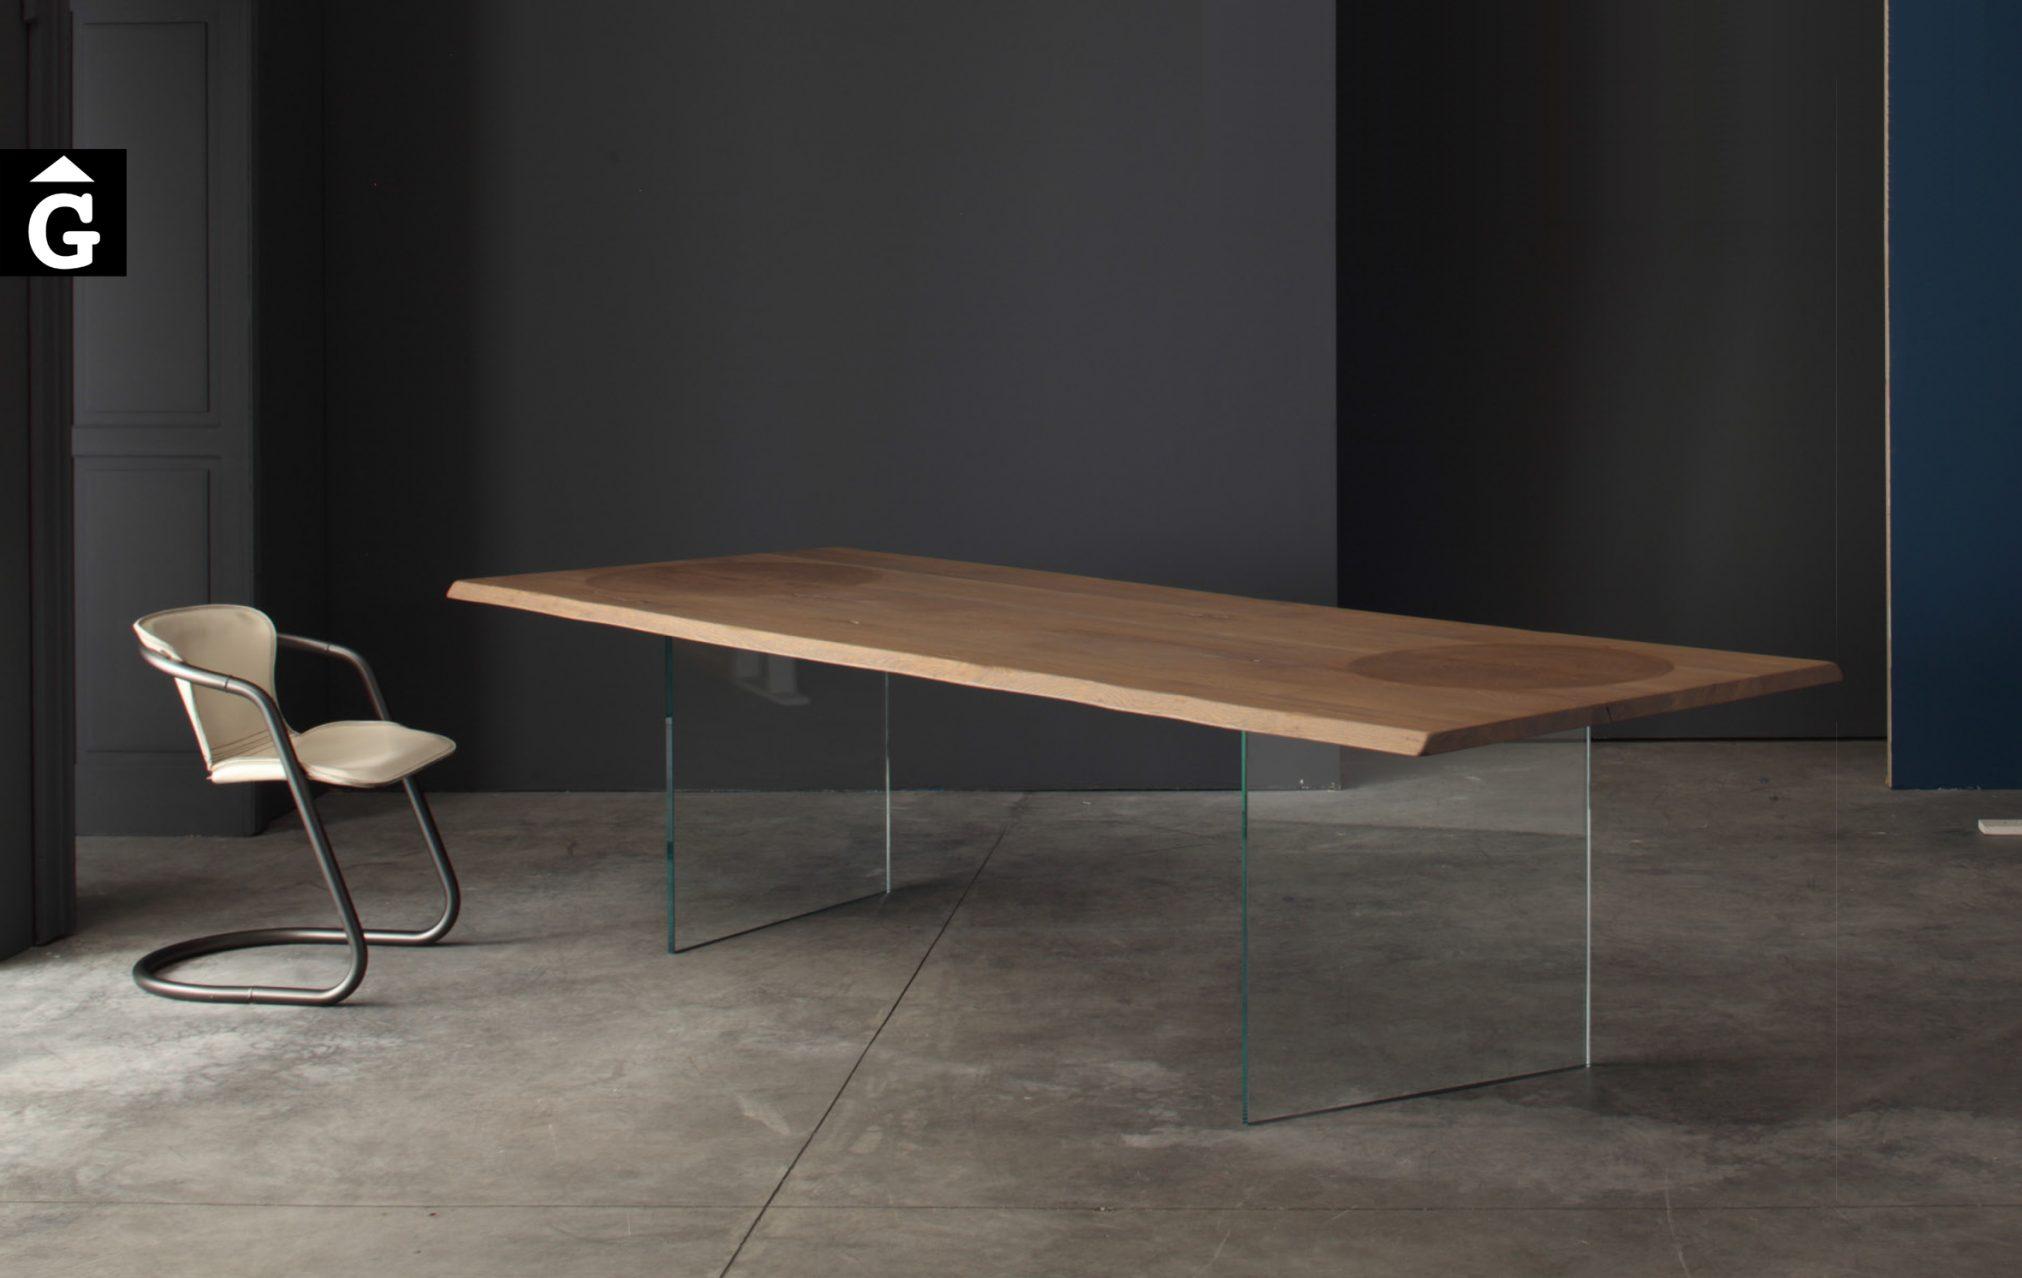 Taula fusta potes vidre Devina Nais 19 by Mobles GIFREU Girona modern qualitat vanguardia minim elegant atemporal